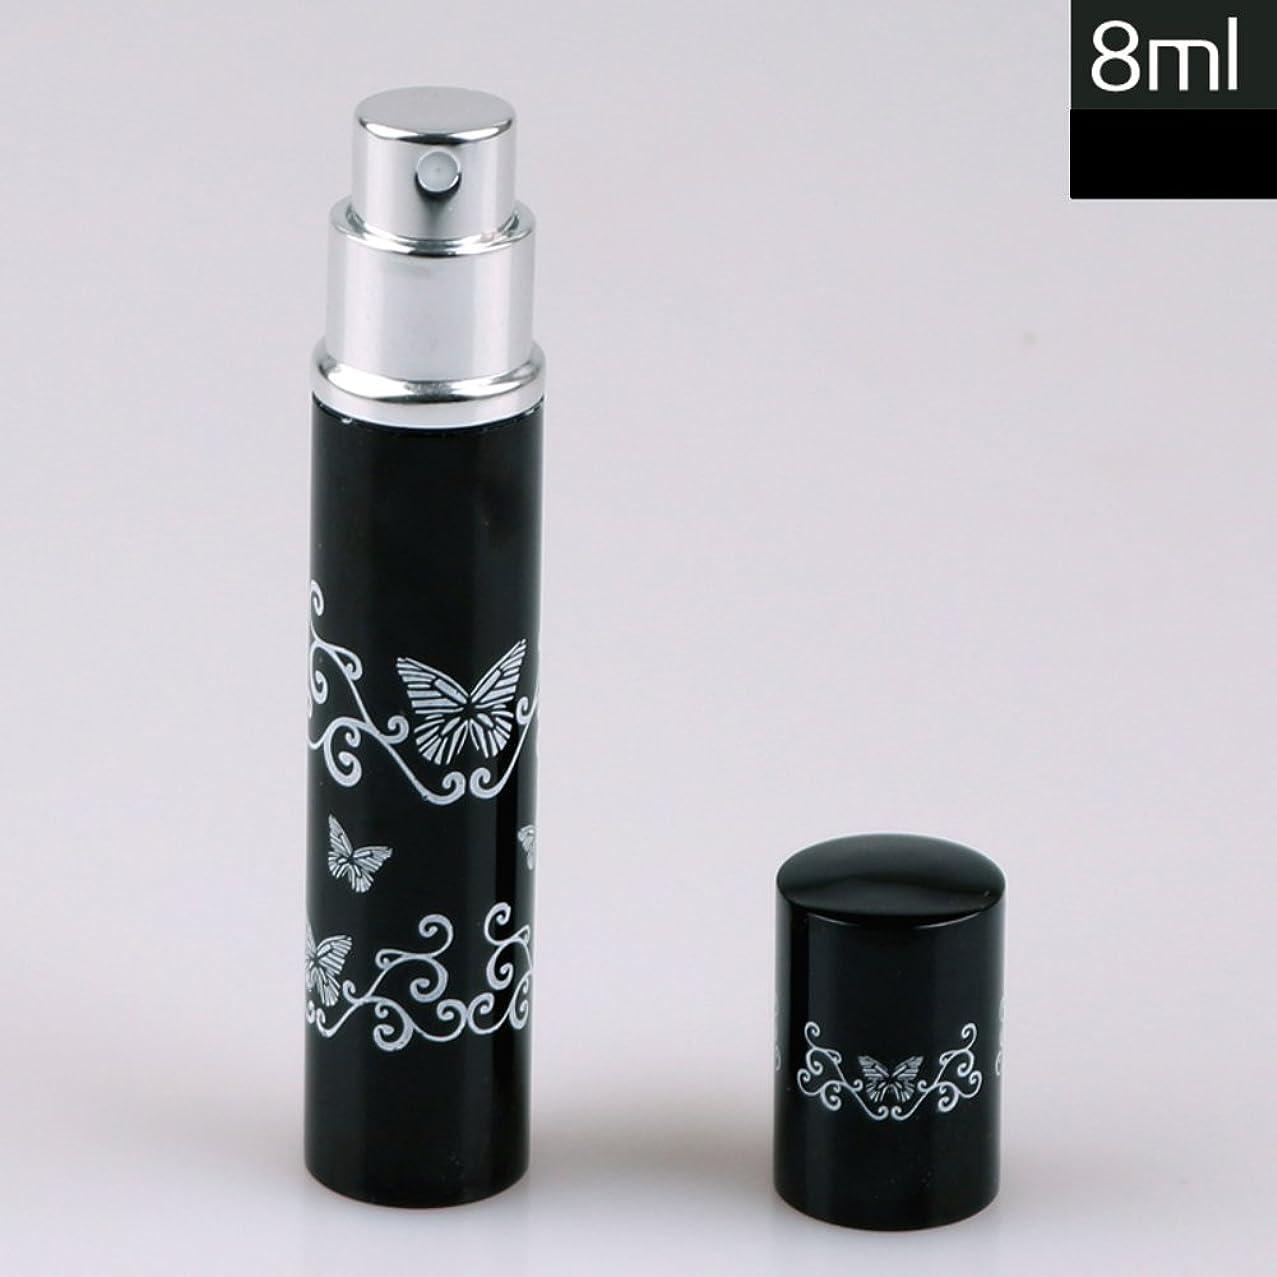 定期的急速な難しいポータブルミニ詰め替え香水瓶-リサイクル可能香水アトマイザー,8女性用 ml'S の香り & 男性'旅行パーティー出張のためのコロン-